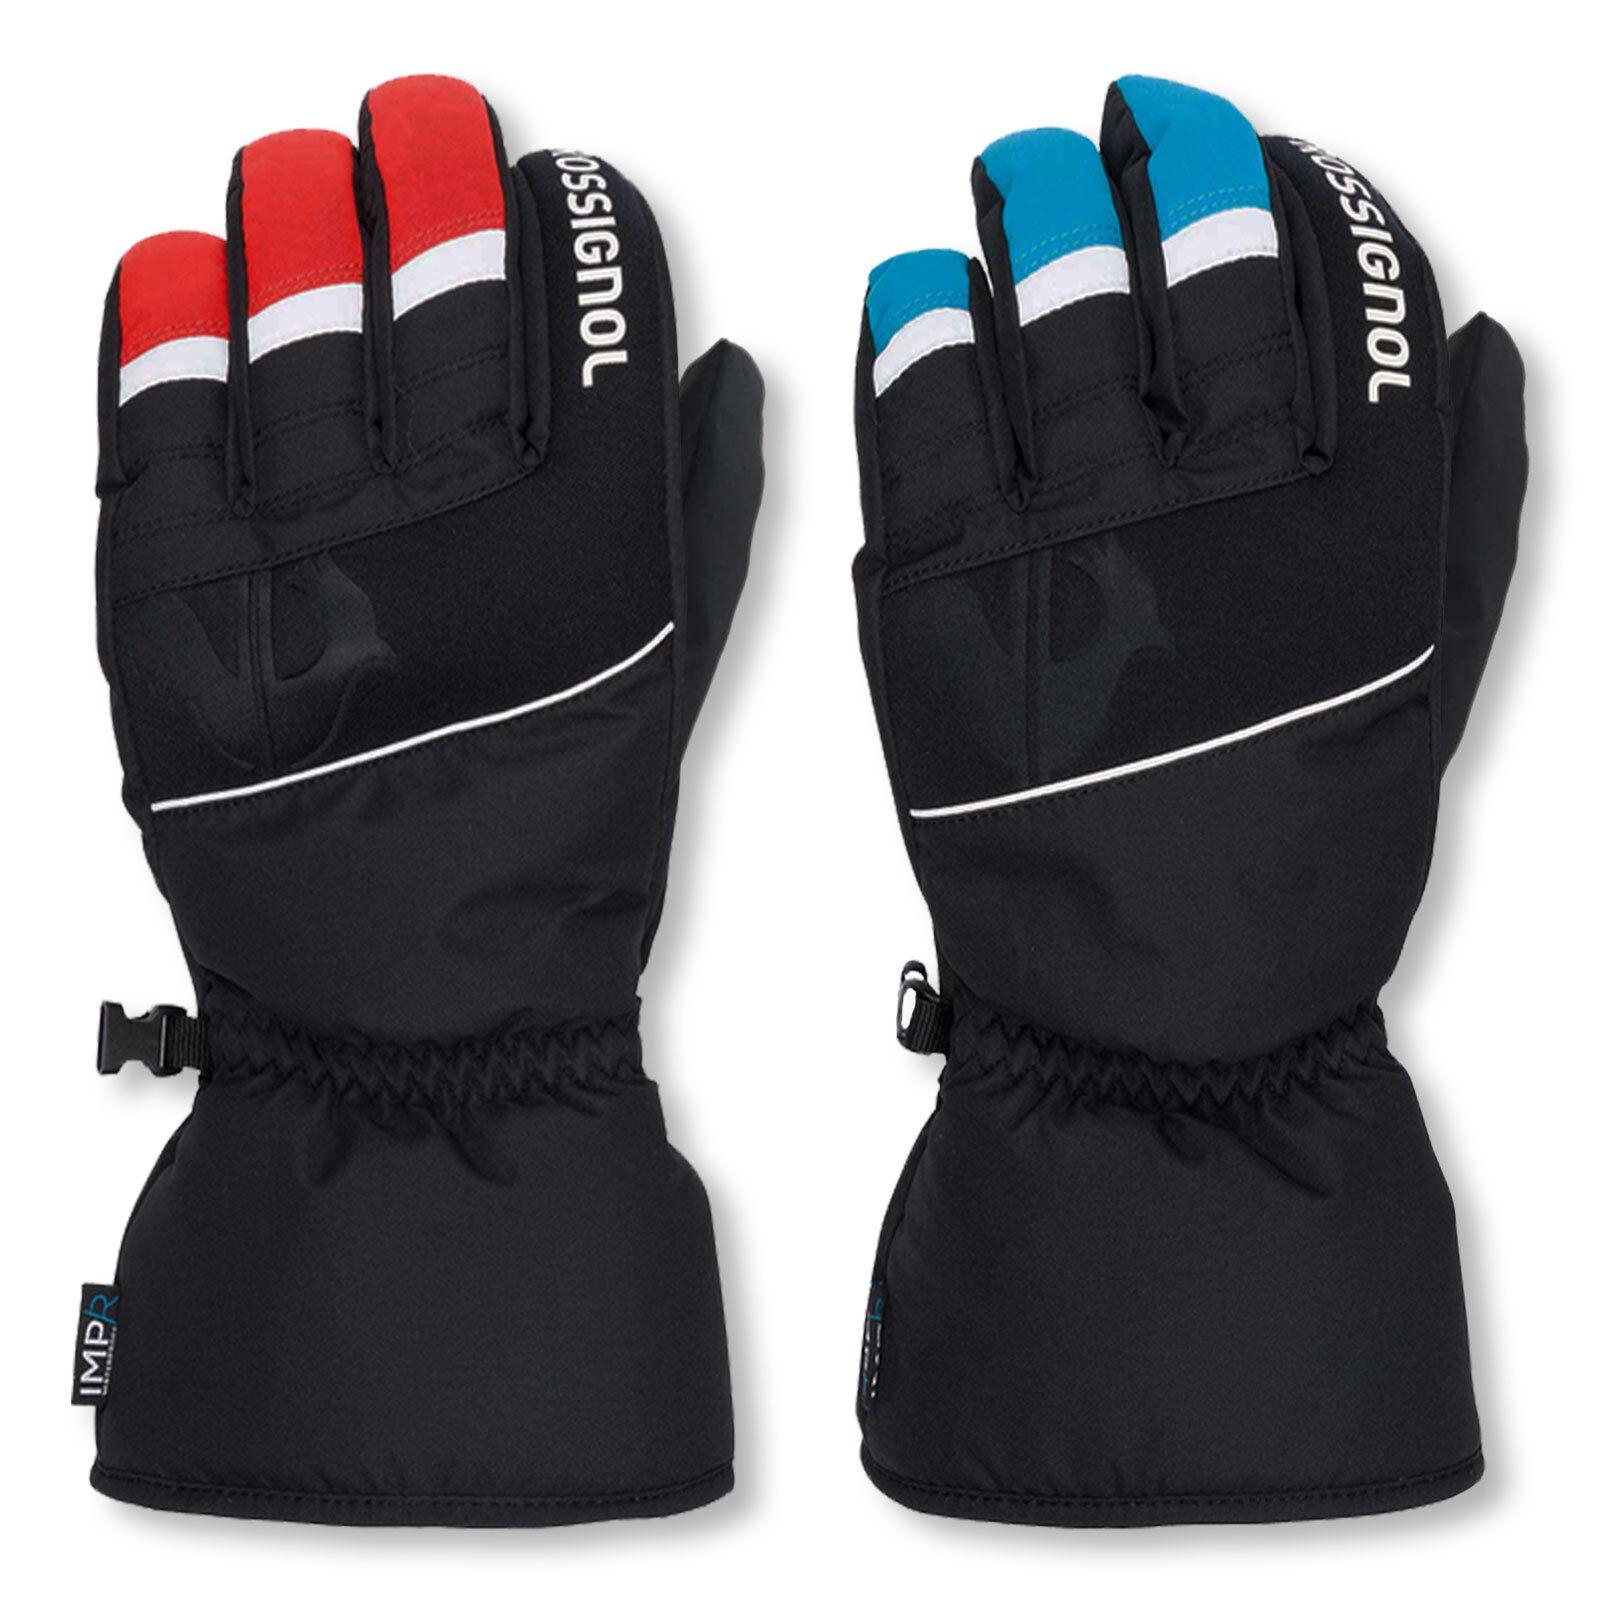 Rossignol Herren Skihandschuhe Winterhandschuhe Winterhandschuhe Winterhandschuhe Handschuhe Speed Farbwahl  | Verkaufspreis  6fd80e